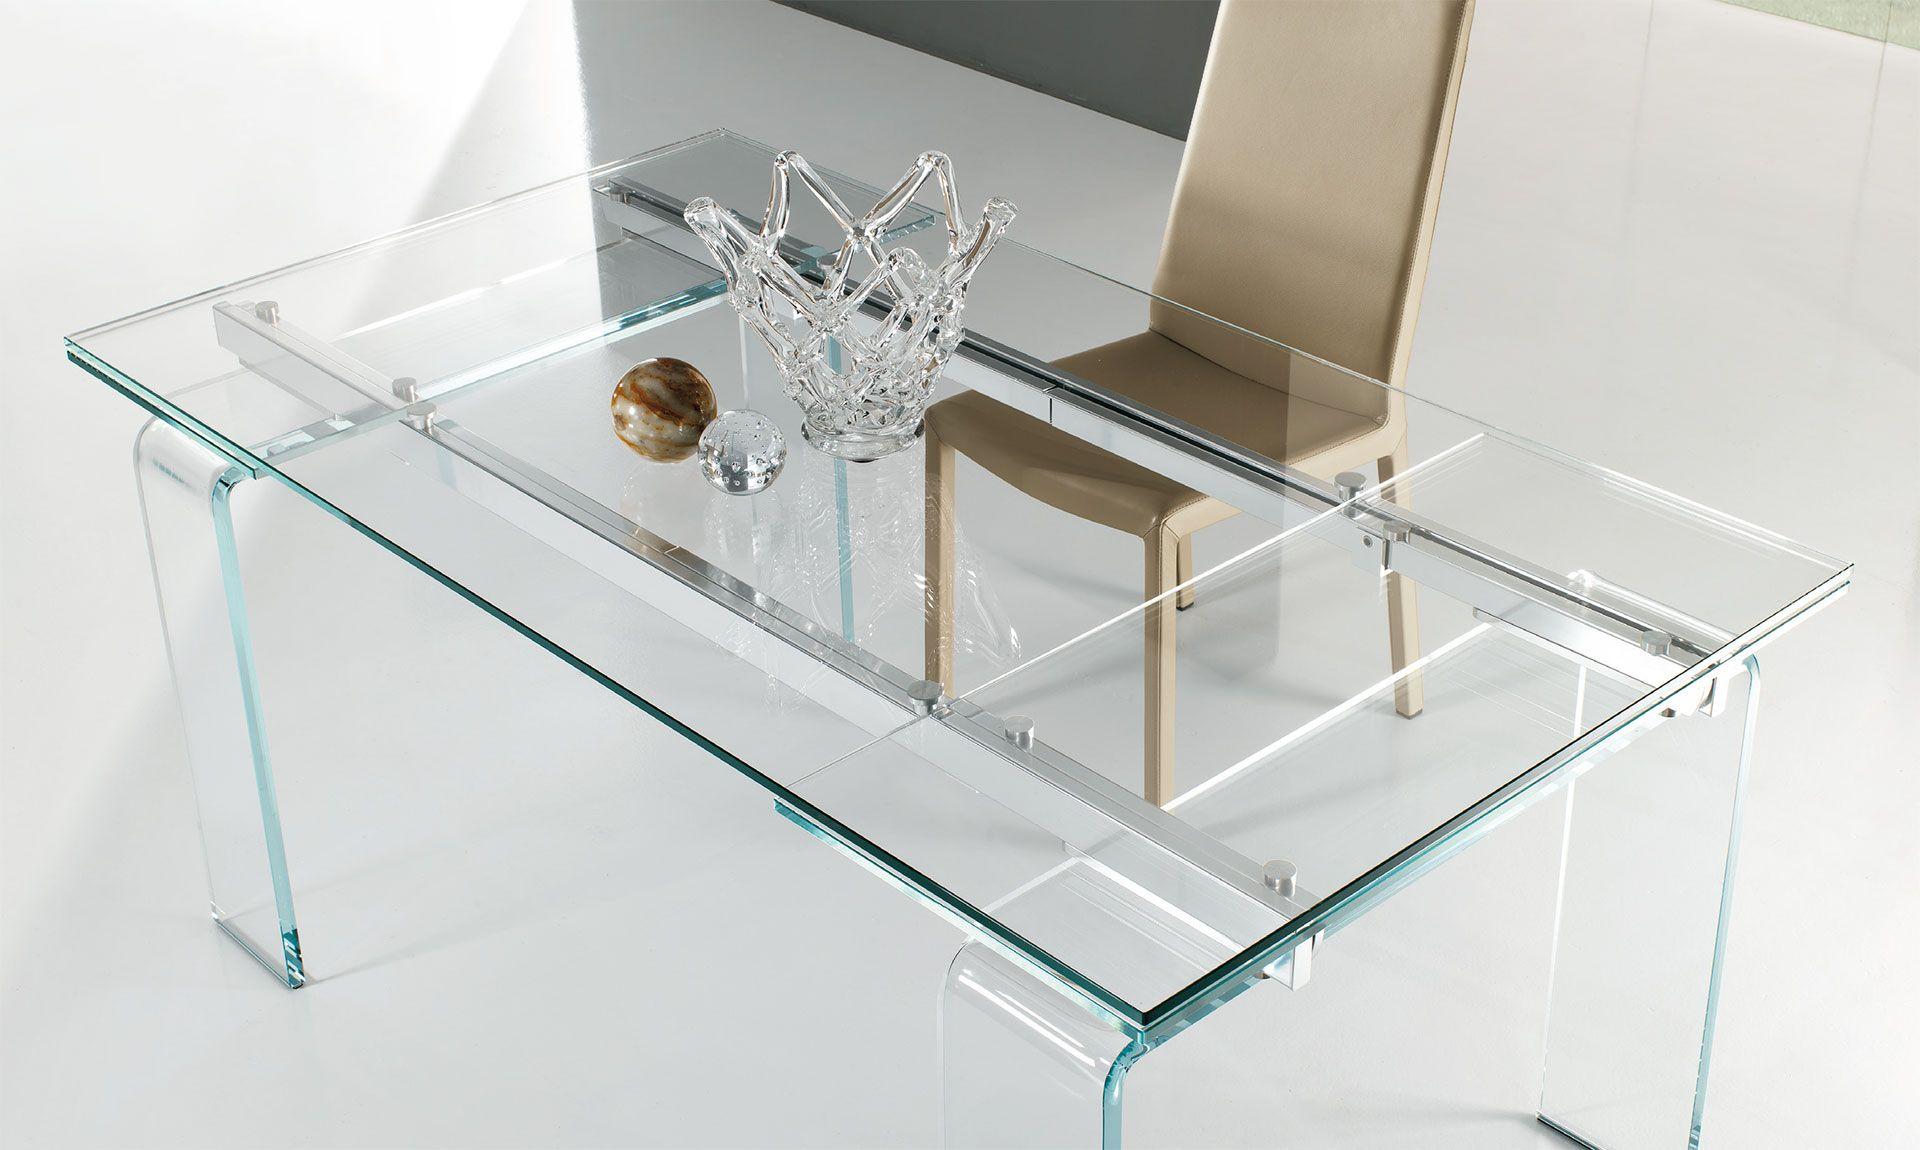 Tavolo in cristallo Plano Anch\'esso allungabile, il tavolo Plano è ...